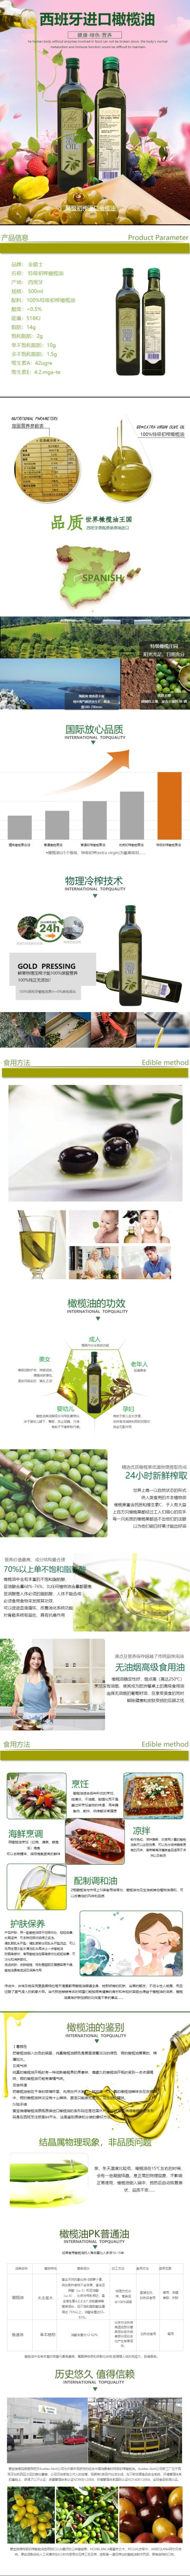 清新简约百货零售粮油副食橄榄油促销电商详情页